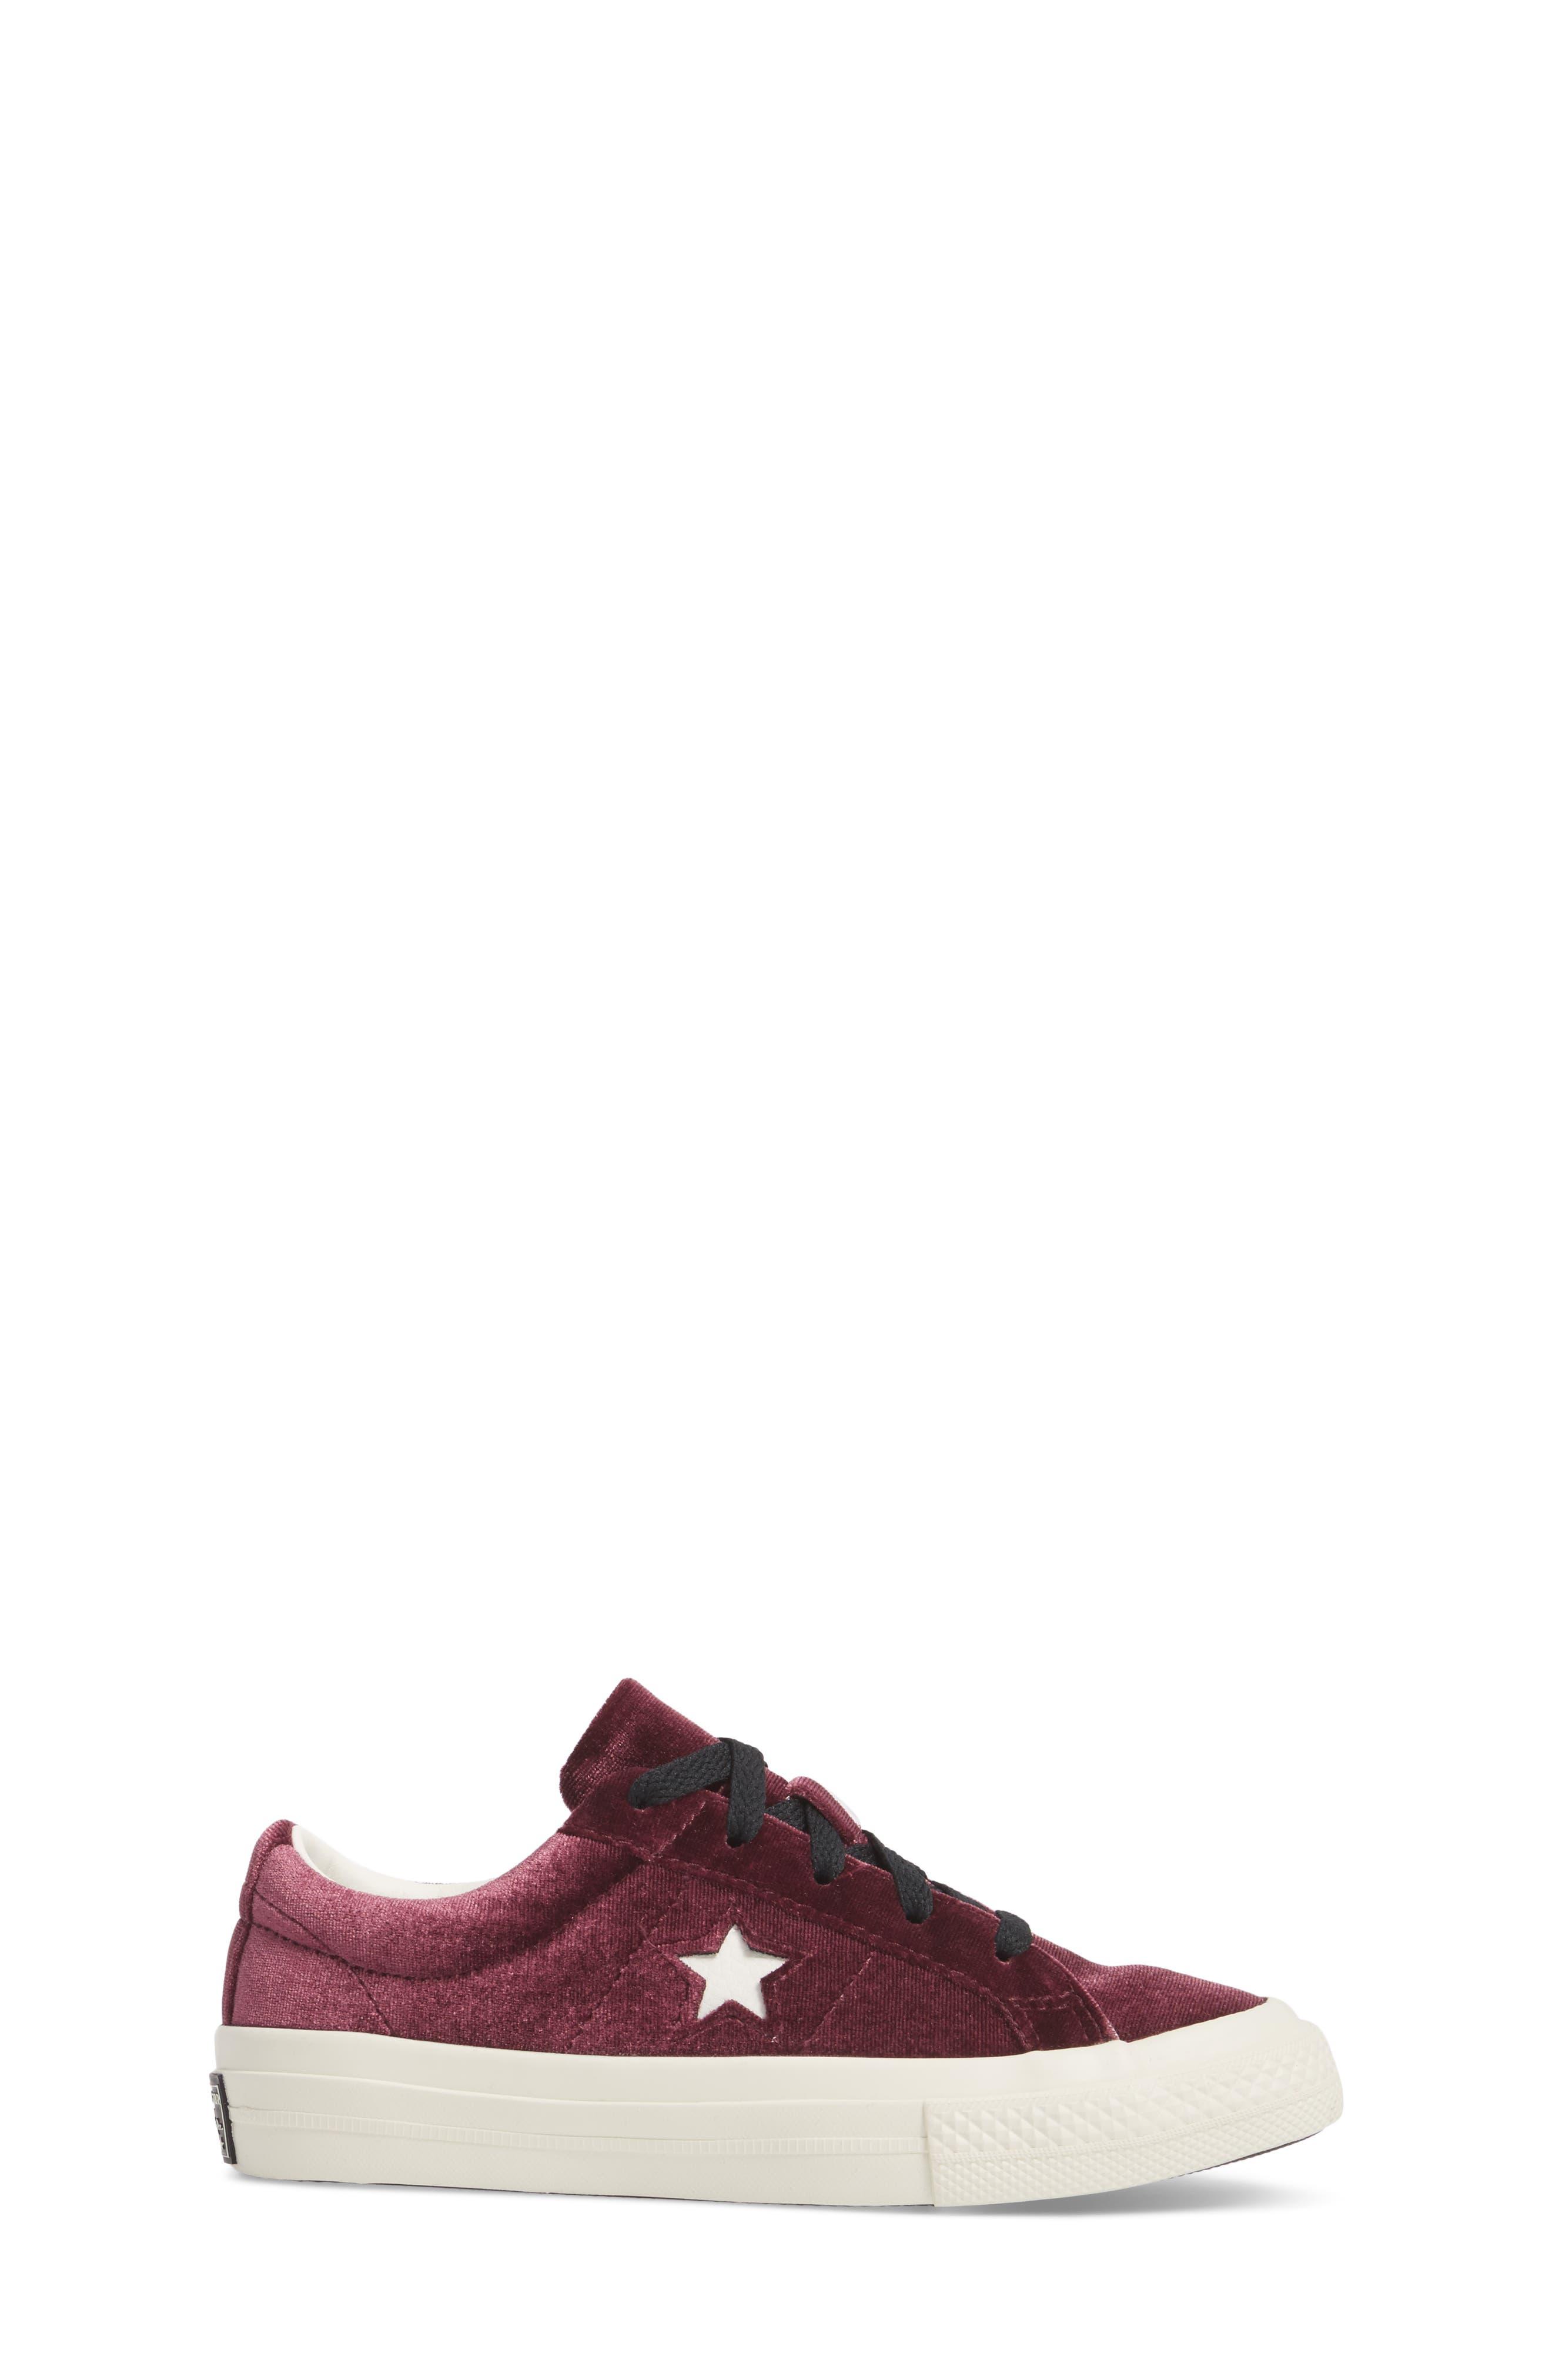 Chuck Taylor<sup>®</sup> All Star<sup>®</sup> One Star Velvet Platform Sneaker,                             Alternate thumbnail 3, color,                             Sangria Velvet